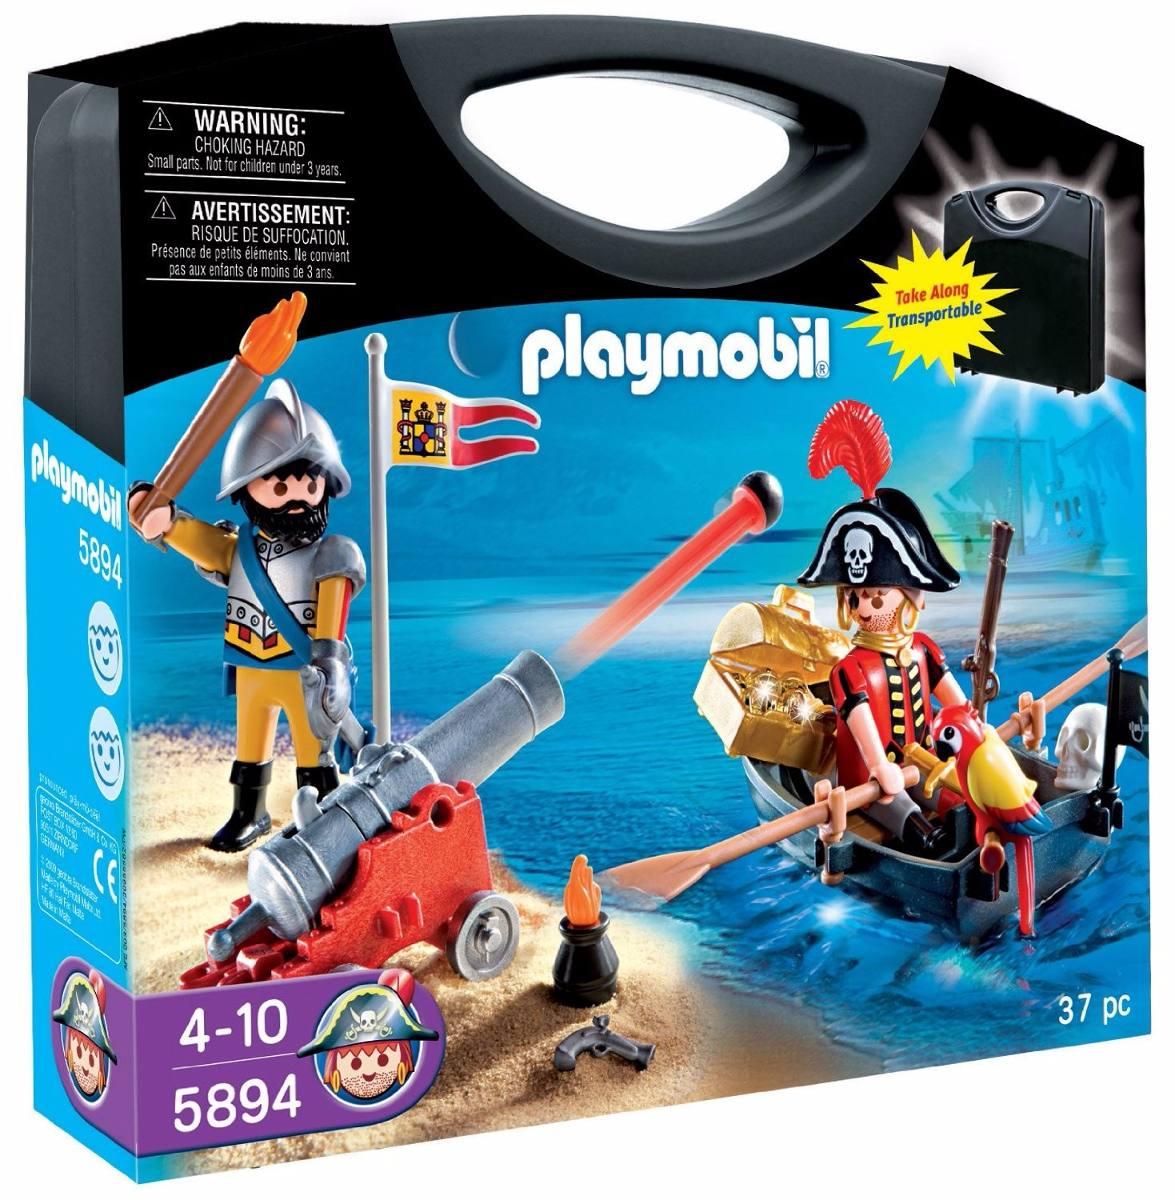 0fd9d4e9c Playmobil Maleta Pirata Cod: 5894 - R$ 120,90 em Mercado Livre